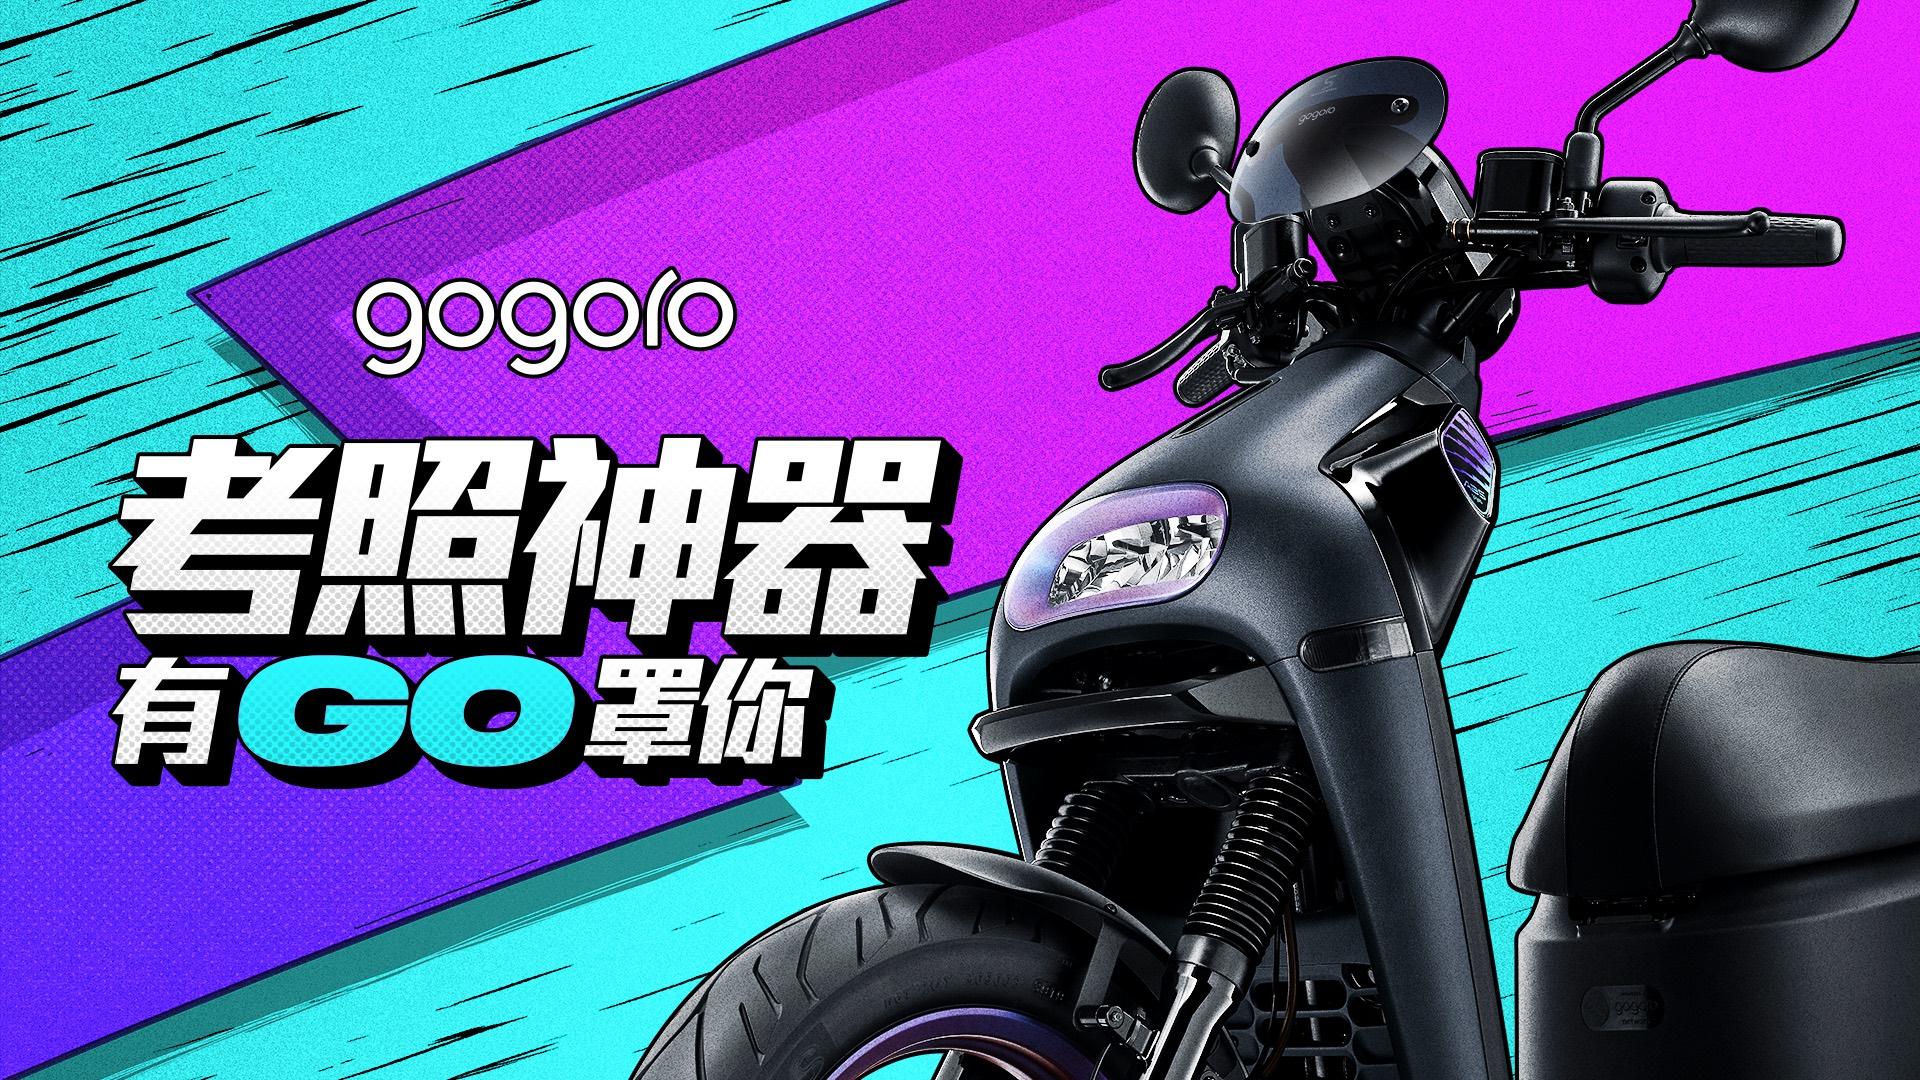 Gogoro 推「考照神器   有 GO 罩你」多項服務  期望協助考駕照者一臂之力